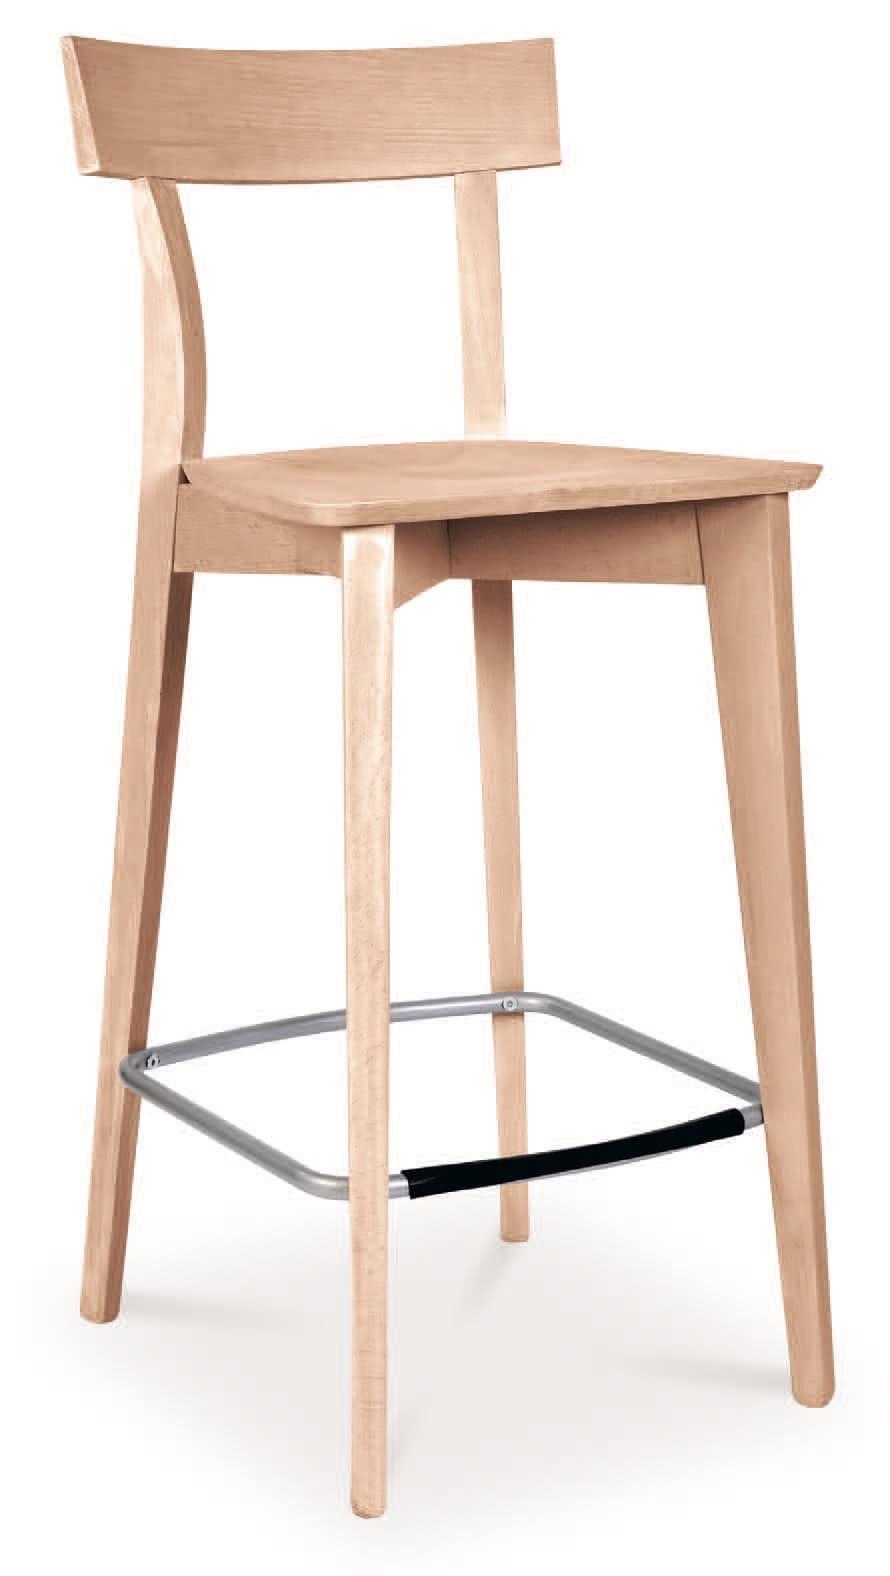 SG 646, Stuhl ganz aus Holz, mit Stahl Fußstütze aus